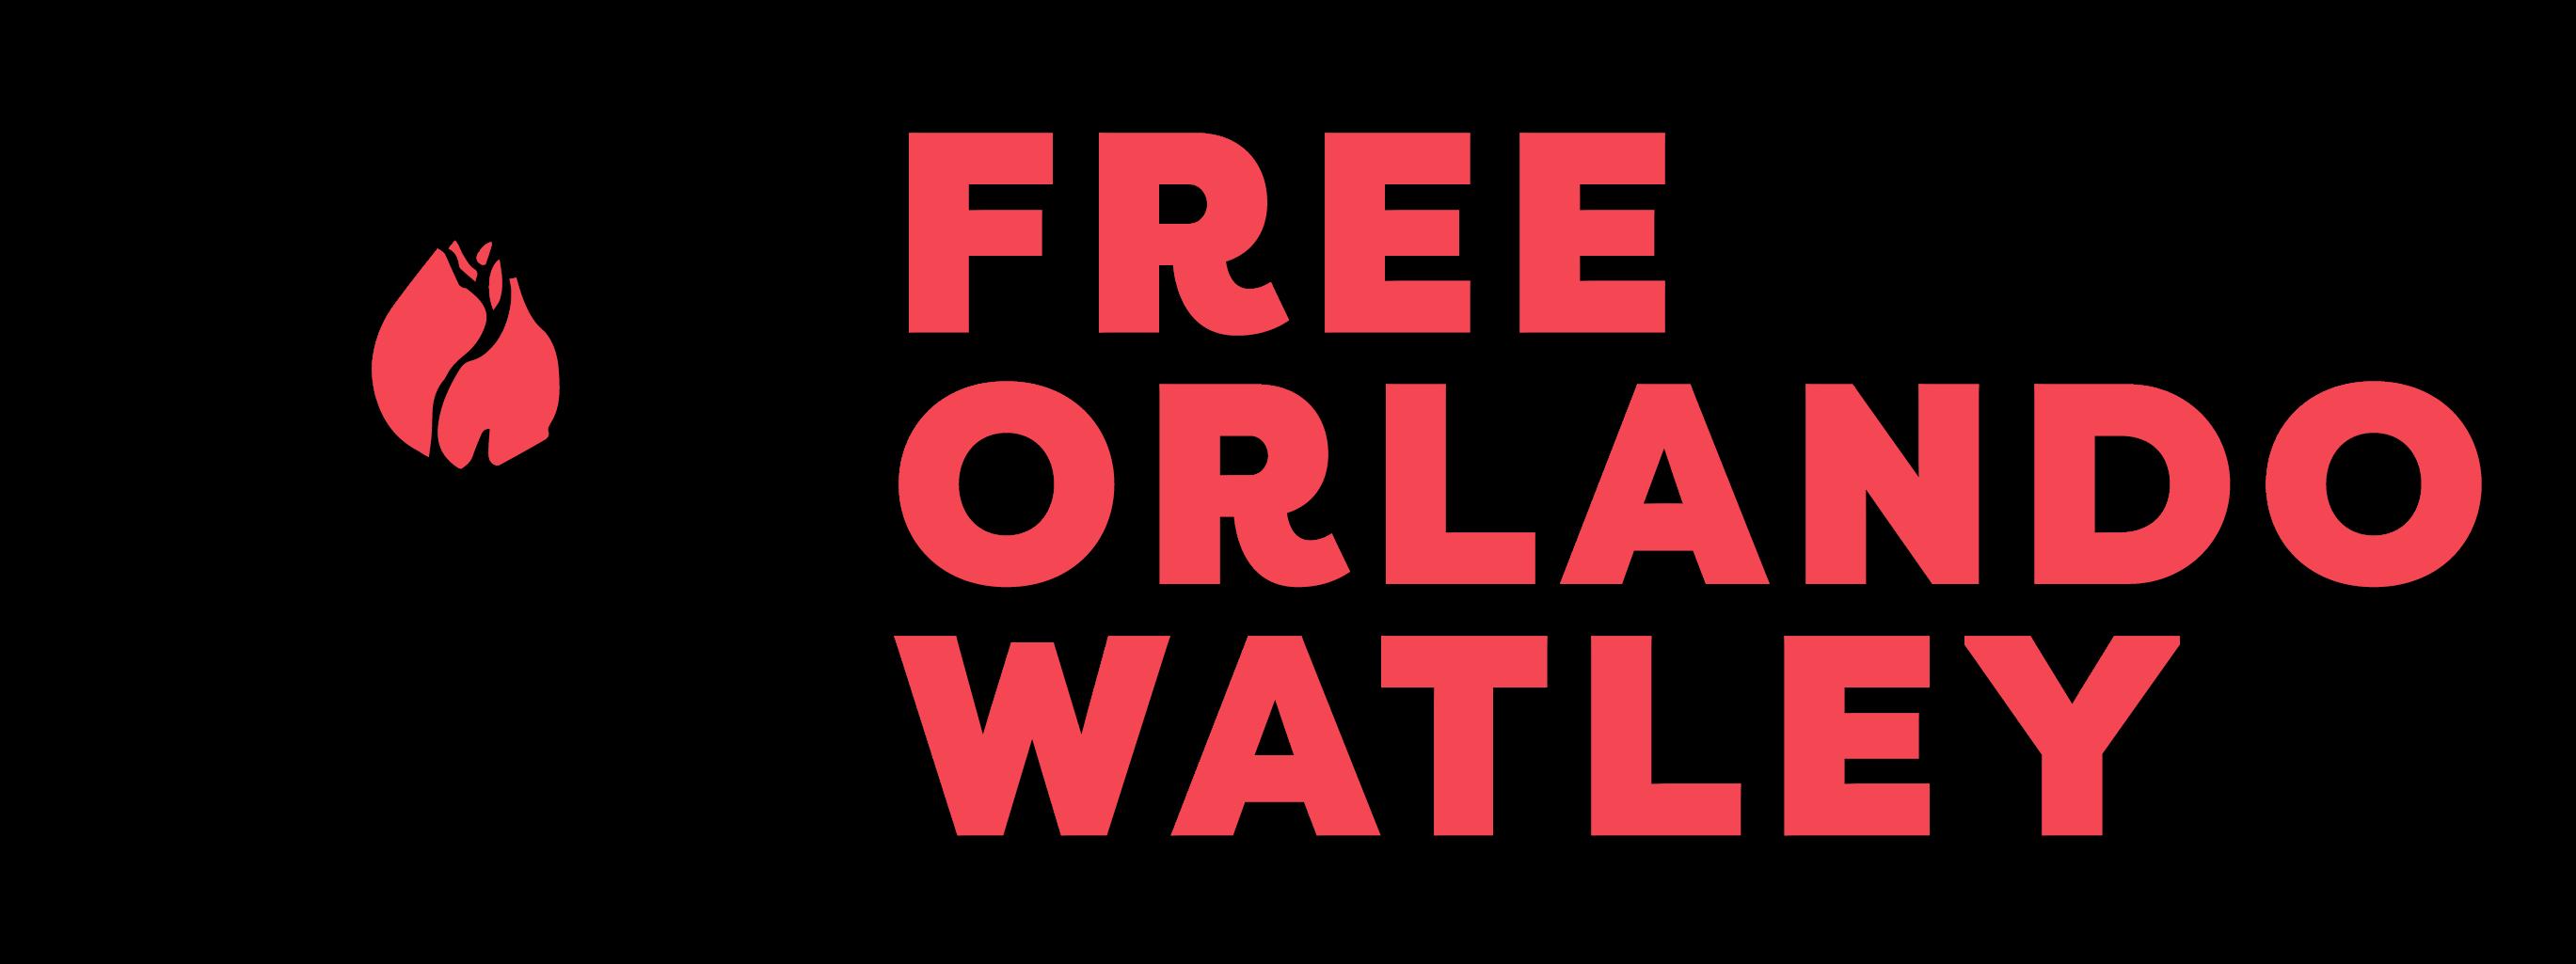 Free Orlando Watley